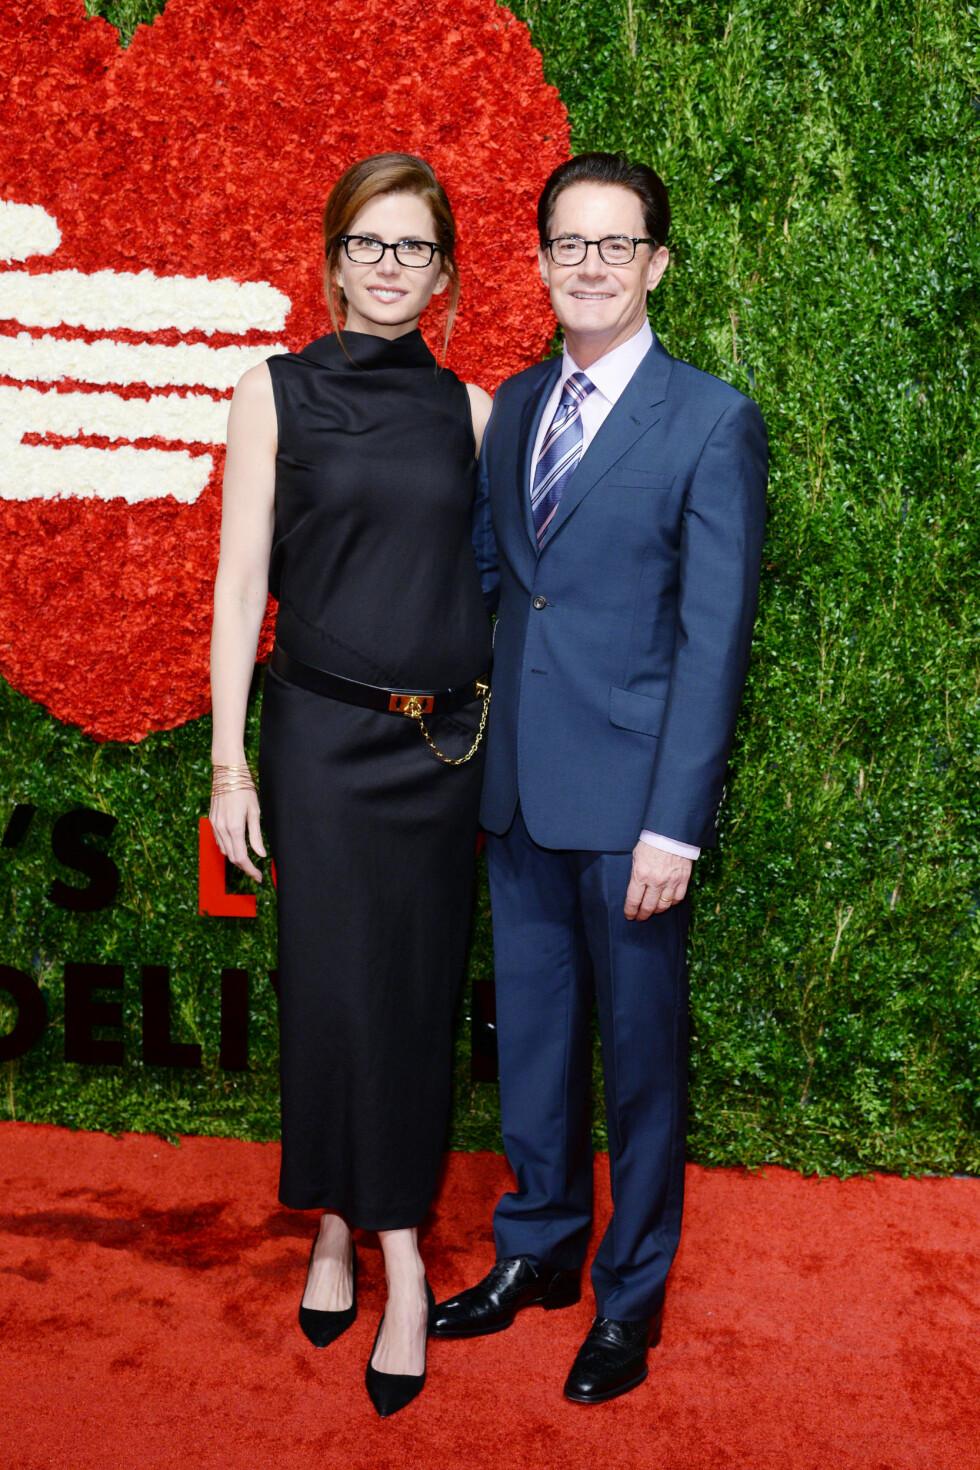 FLOTT PAR: Kyle MacLachlan er gift med TV-produsent Desiree Gruber. De har ett barn sammen. Dette bildet er tatt i oktober under Golden Heart Awards Celebration i New York. Foto: NTB Scanpix